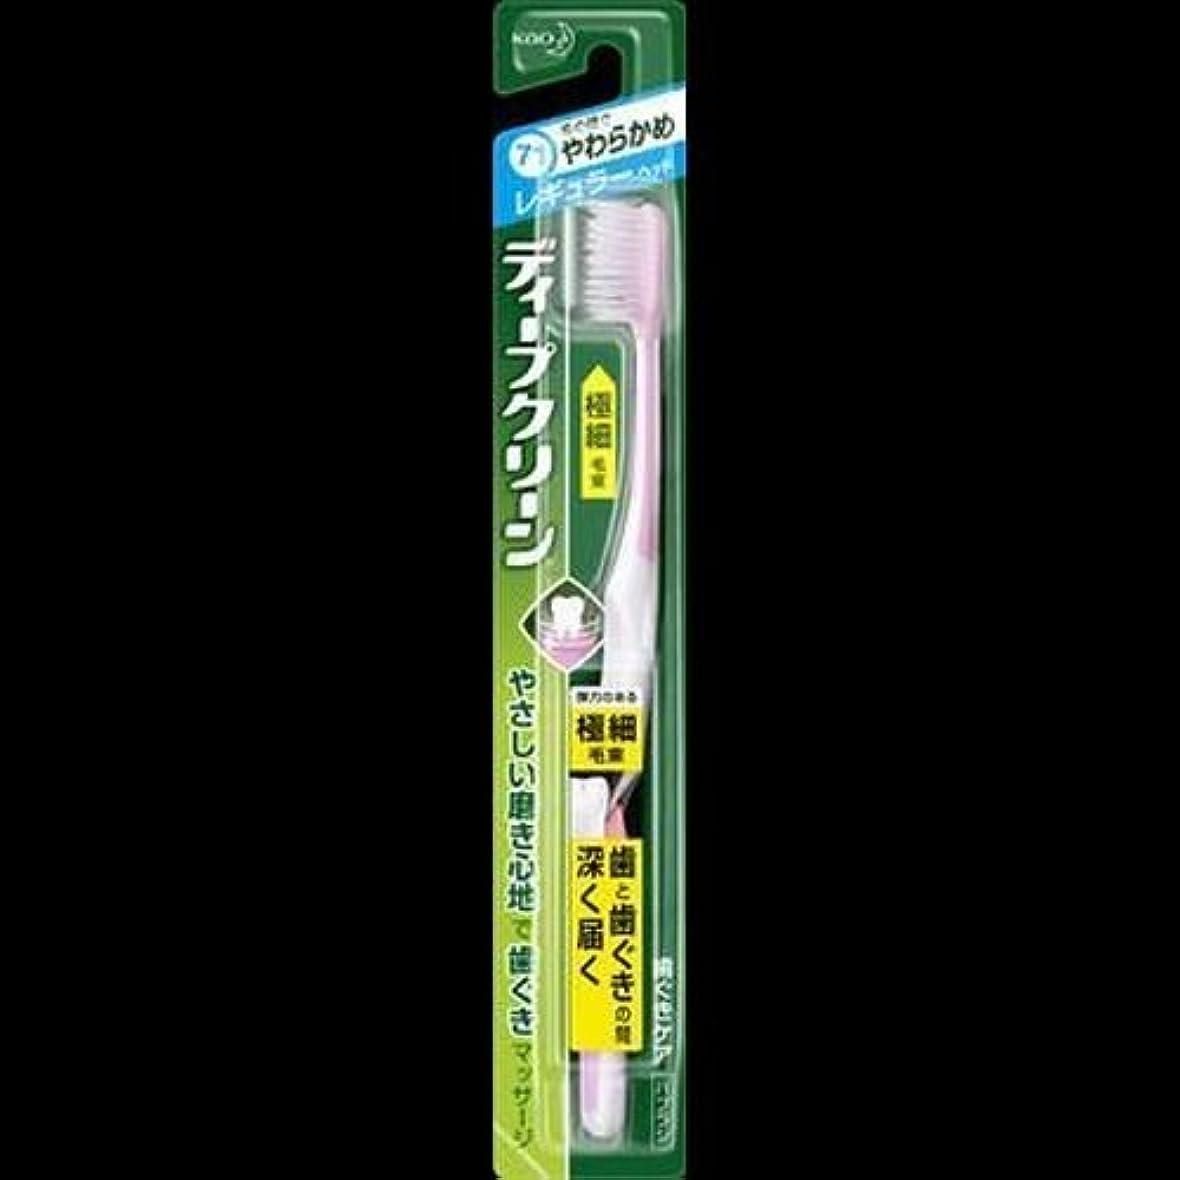 【まとめ買い】ディープクリーン ハブラシ レギュラー やわらかめ ×2セット